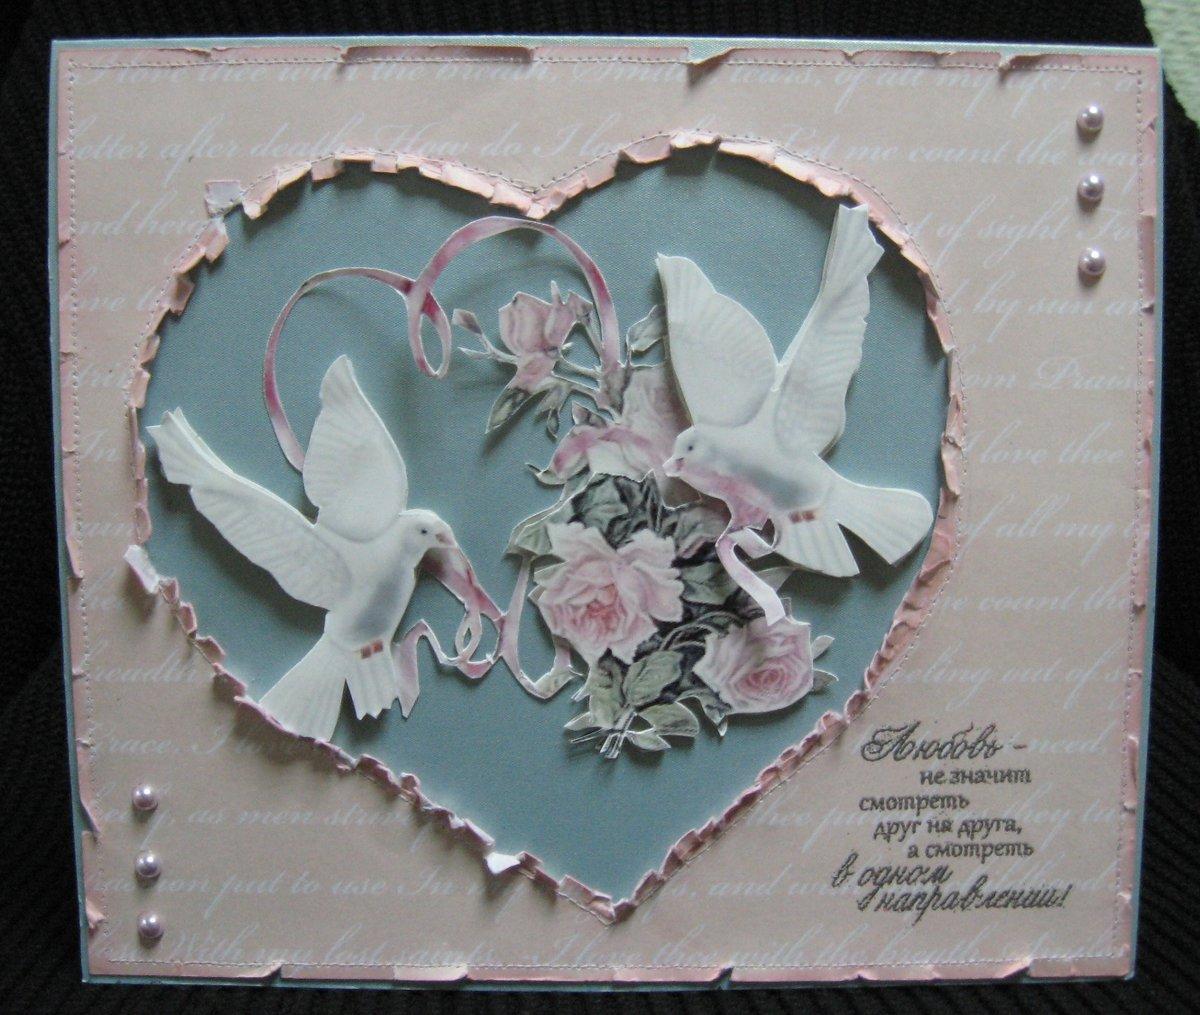 Прикольные, открытка на 25 лет свадьбы своими руками